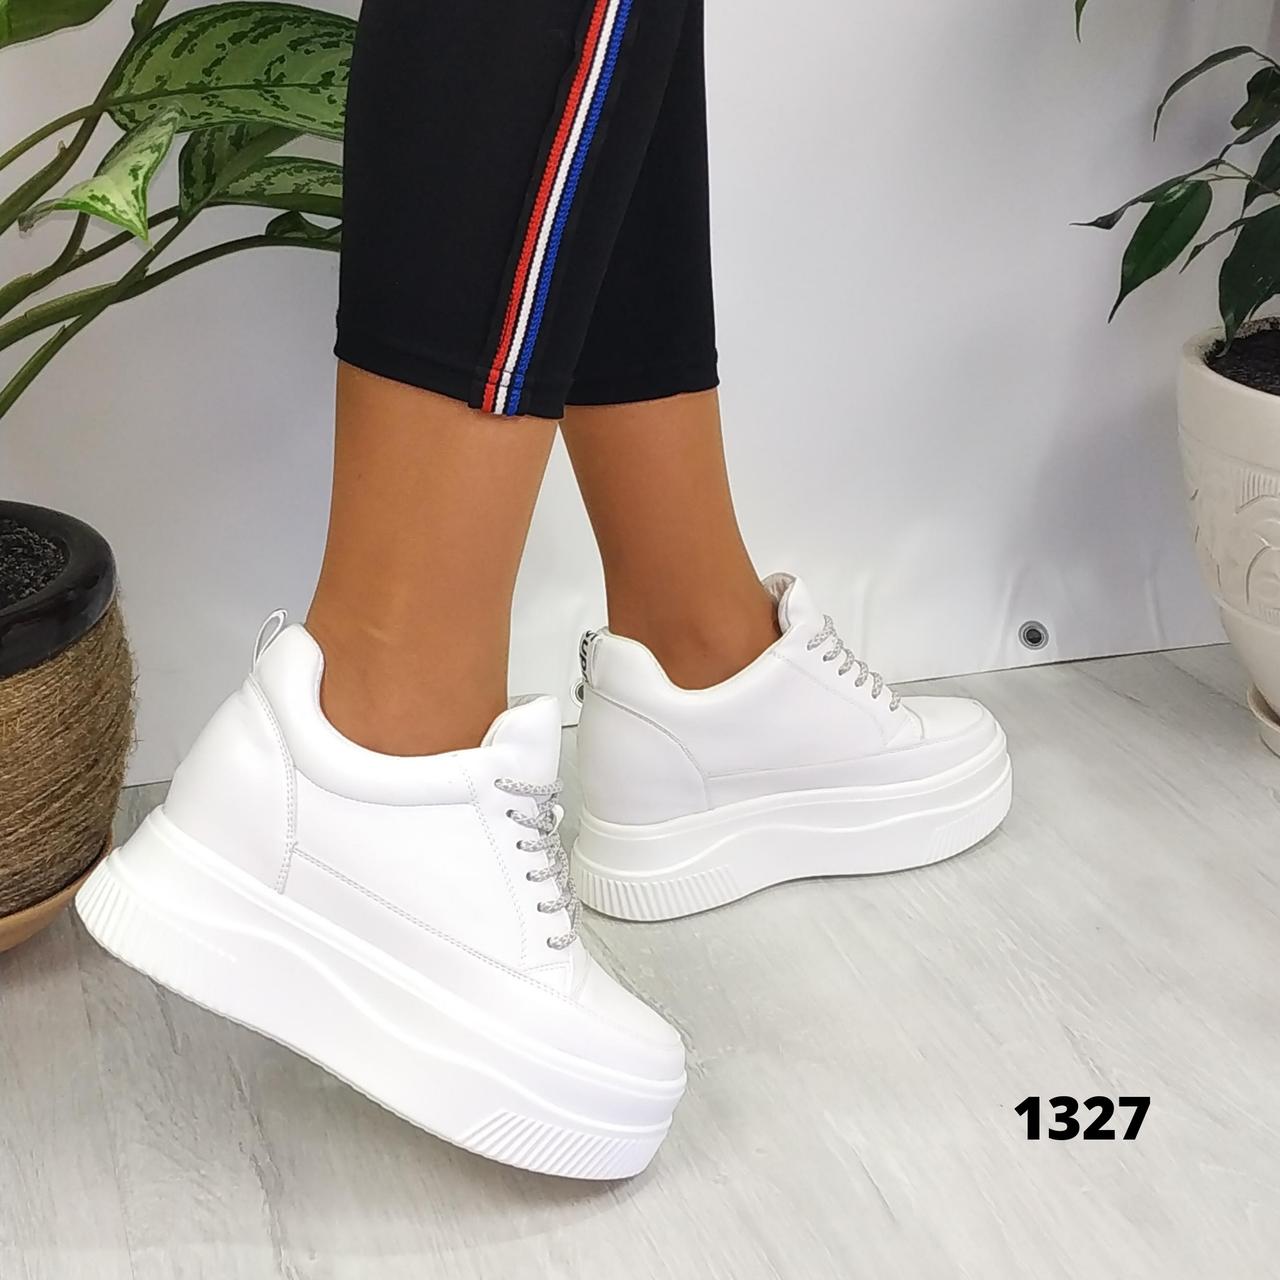 Женские белые кроссовки сникерсы на платформе и танкетке, реальные фото ,ОВ 1327